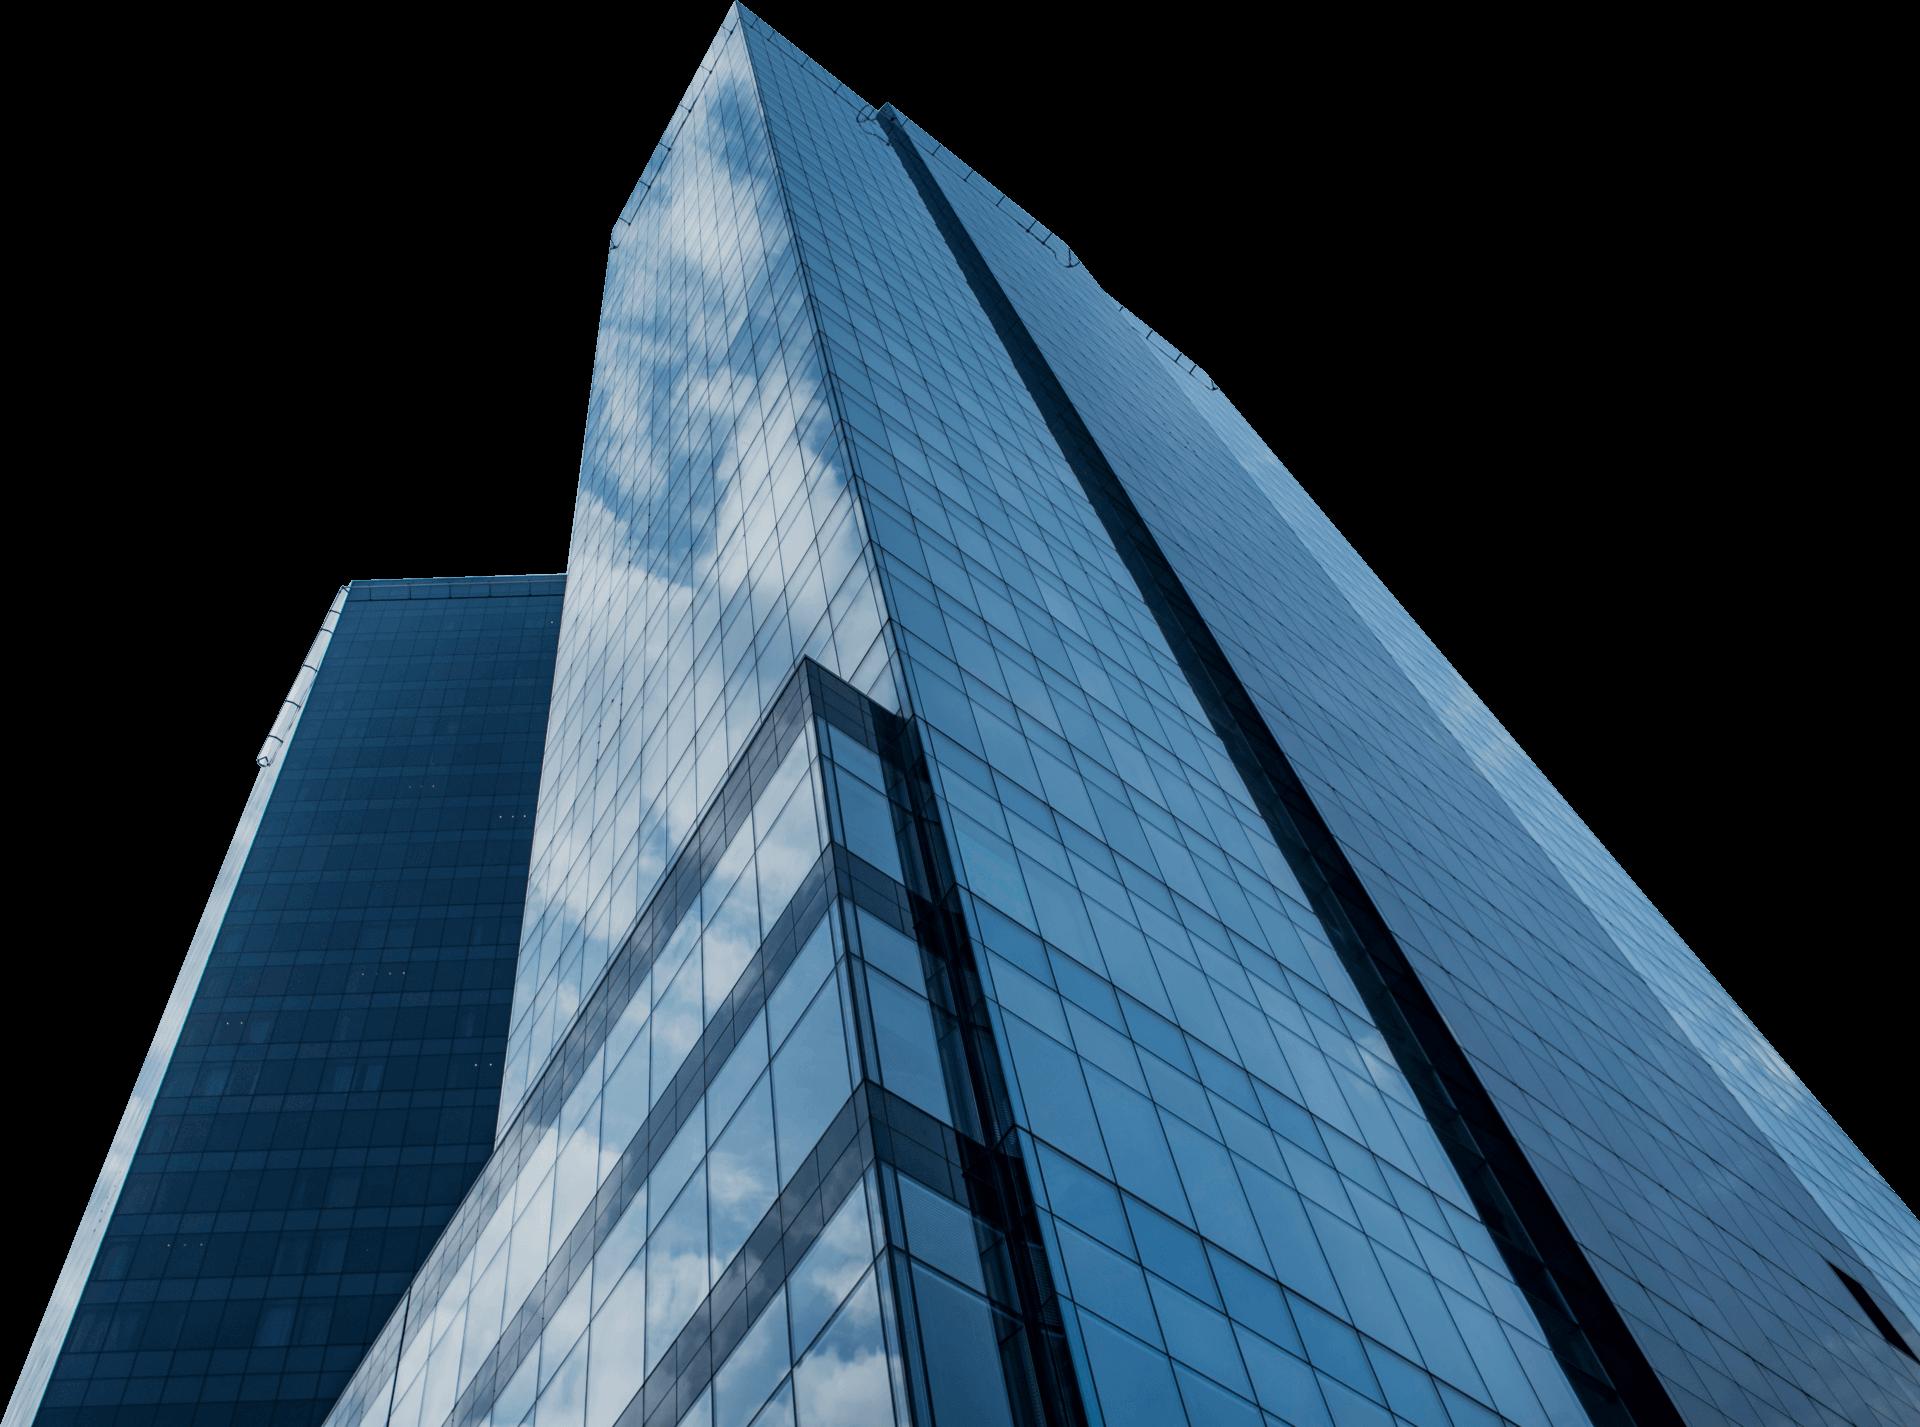 Inside VR Building